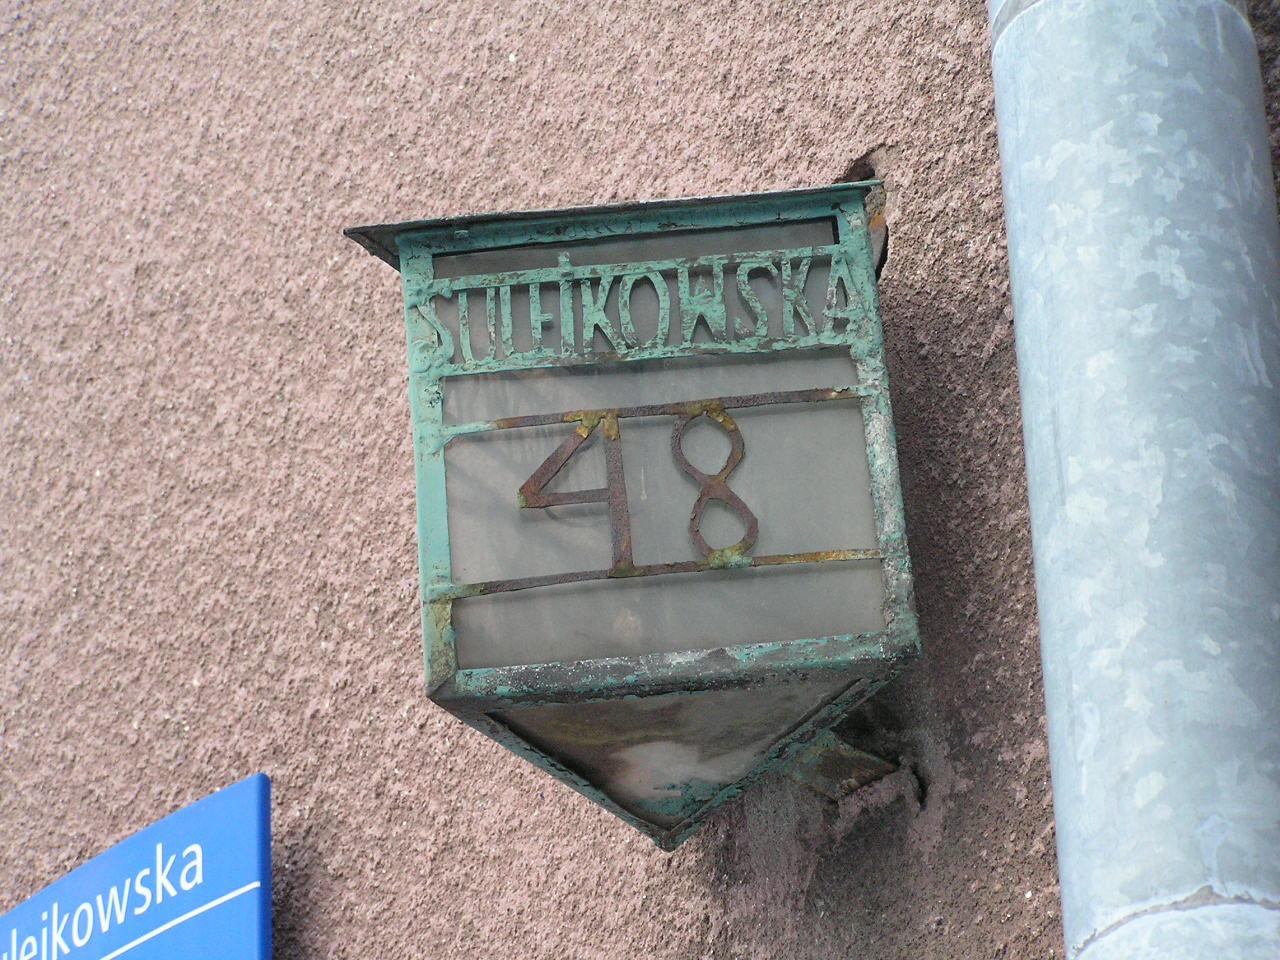 Latarenka adresowa - Sulejkowska 48